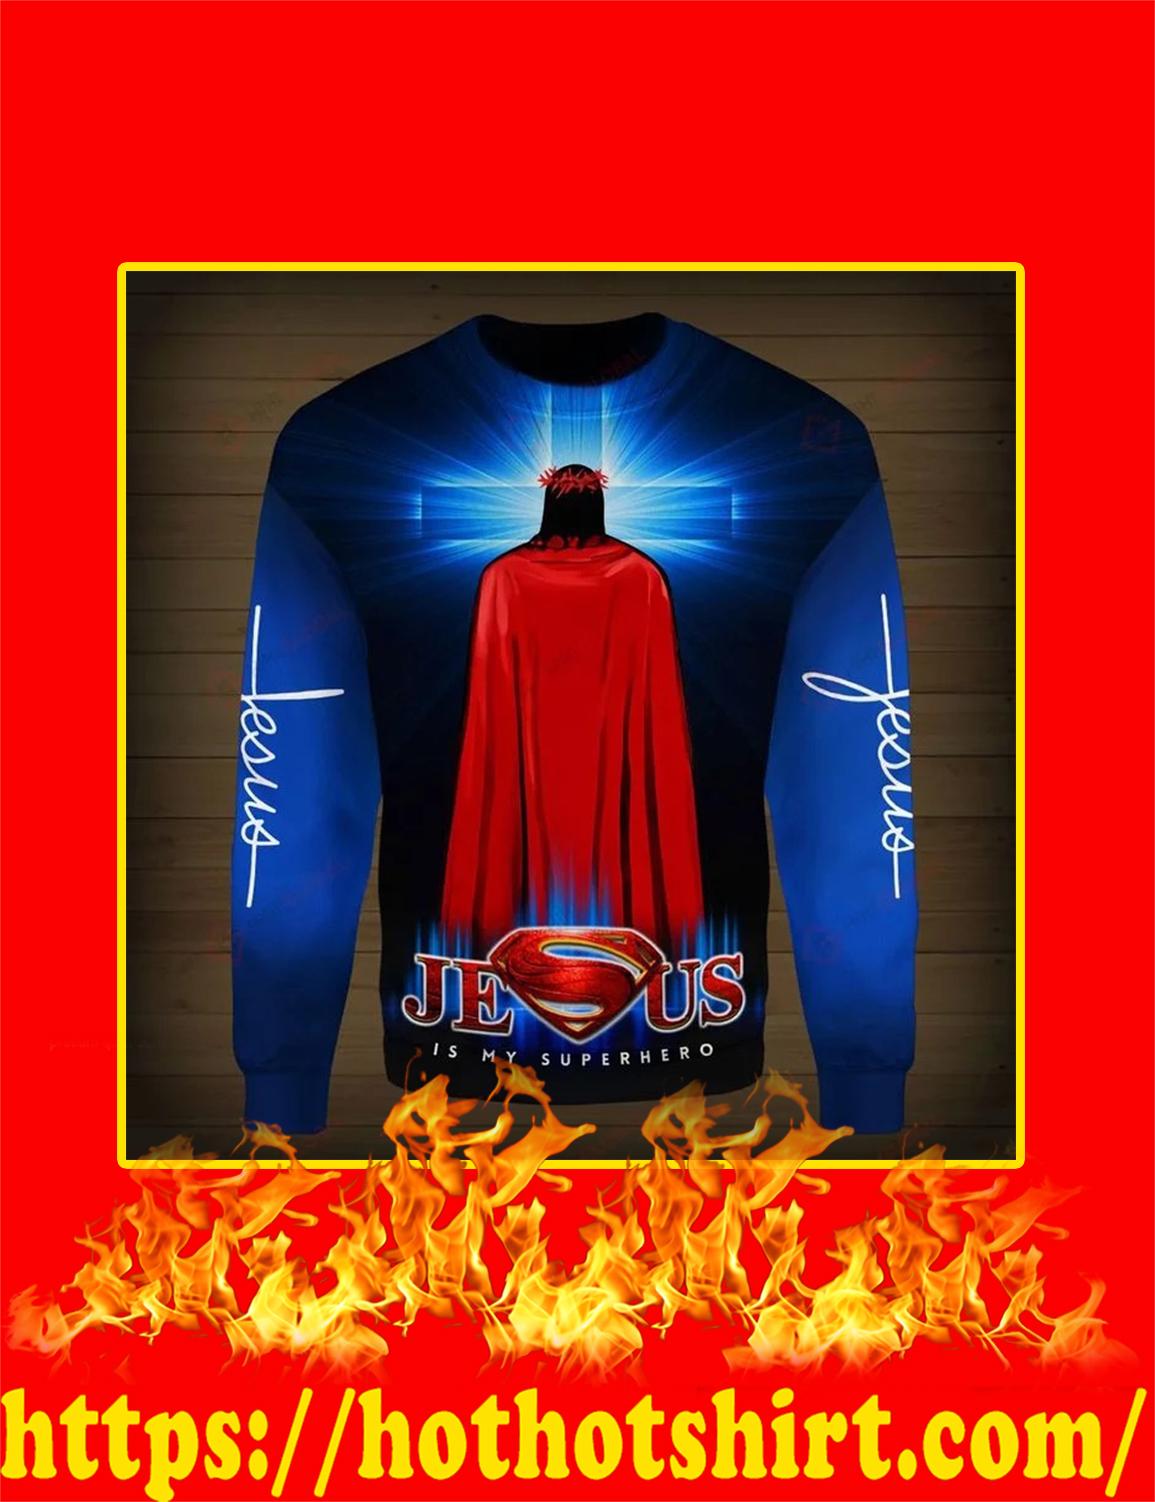 Jesus Is My Superhero 3d sweatshirt